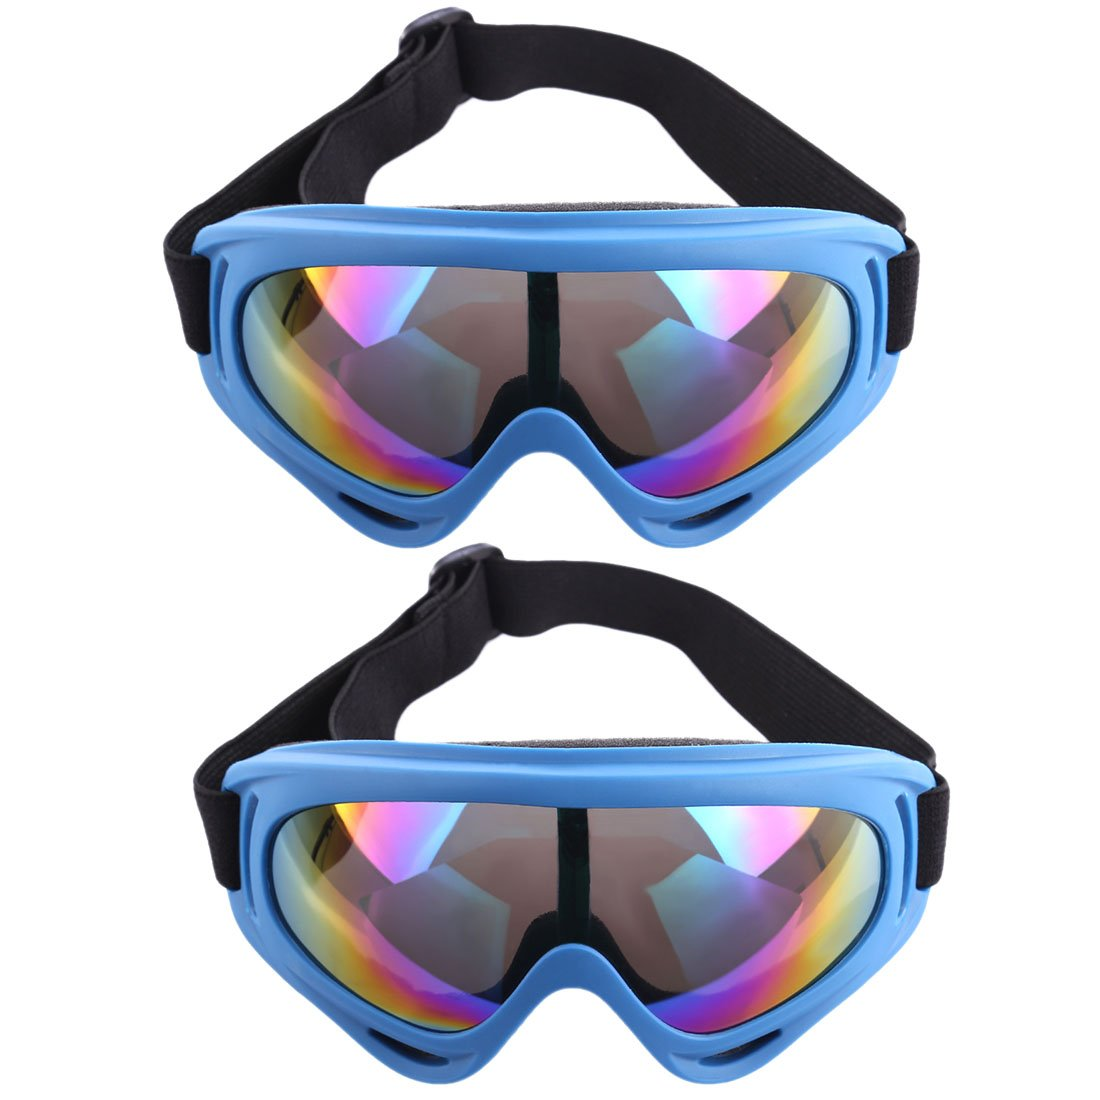 安全ゴーグル、YAMIx 2ペア目保護ゴーグル安全メガネfor Nerf War and Nerfパーティー 18.5*8*6cm IIYITW1532S1190BI7V0P B07BLT54NT Dark Blue Frame 18.5*8*6cm